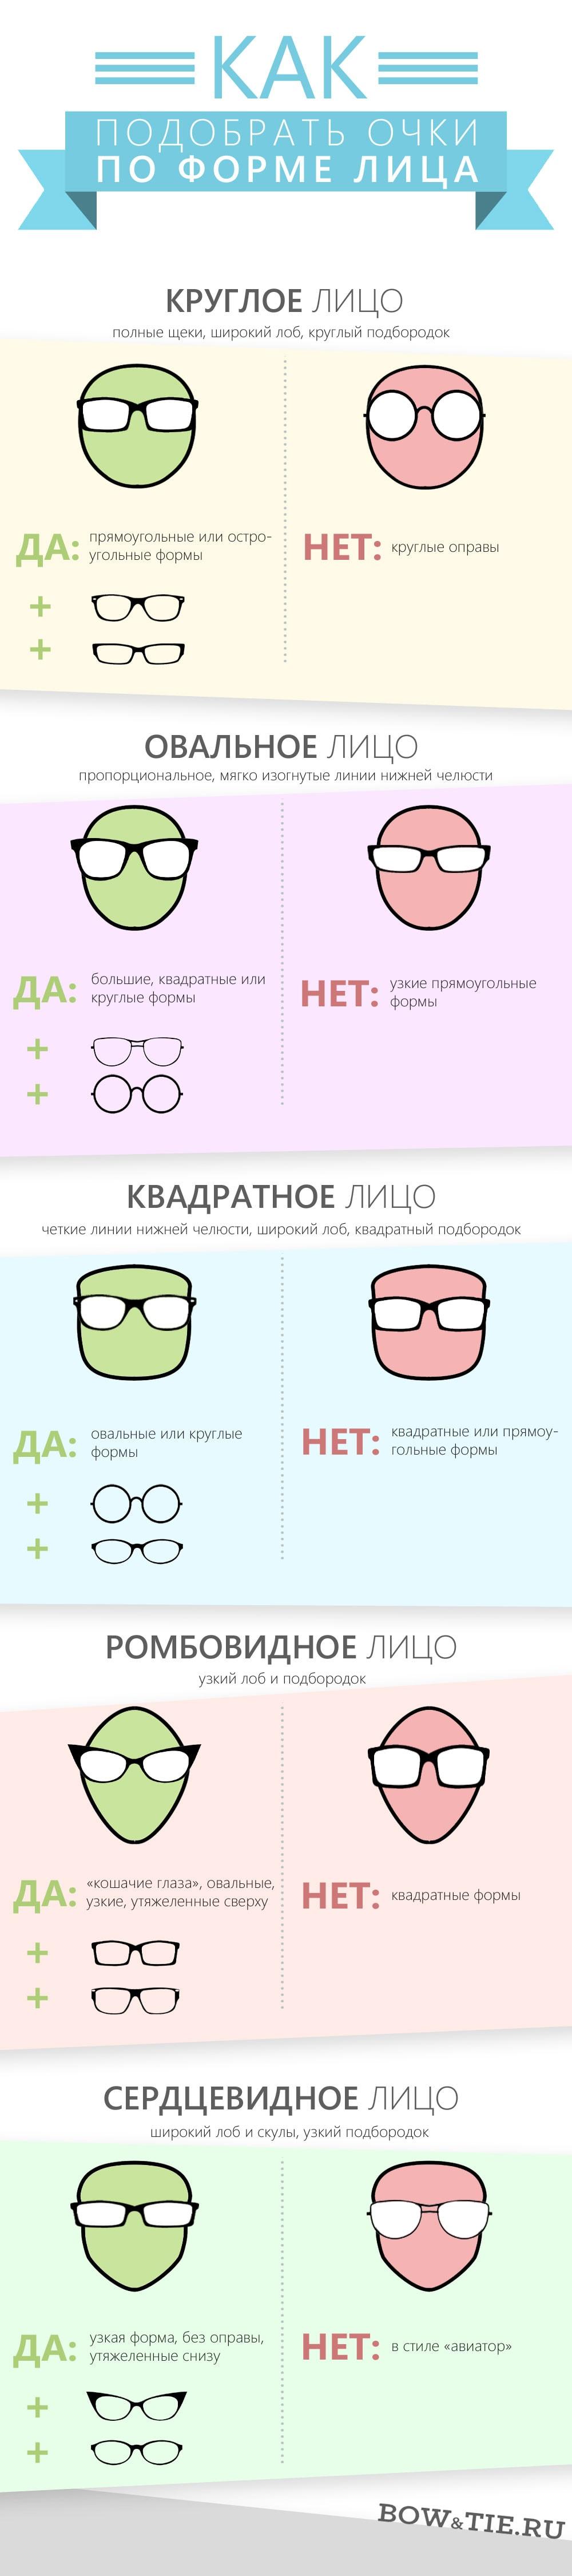 Как подобрать очки мужчине (инфографика)